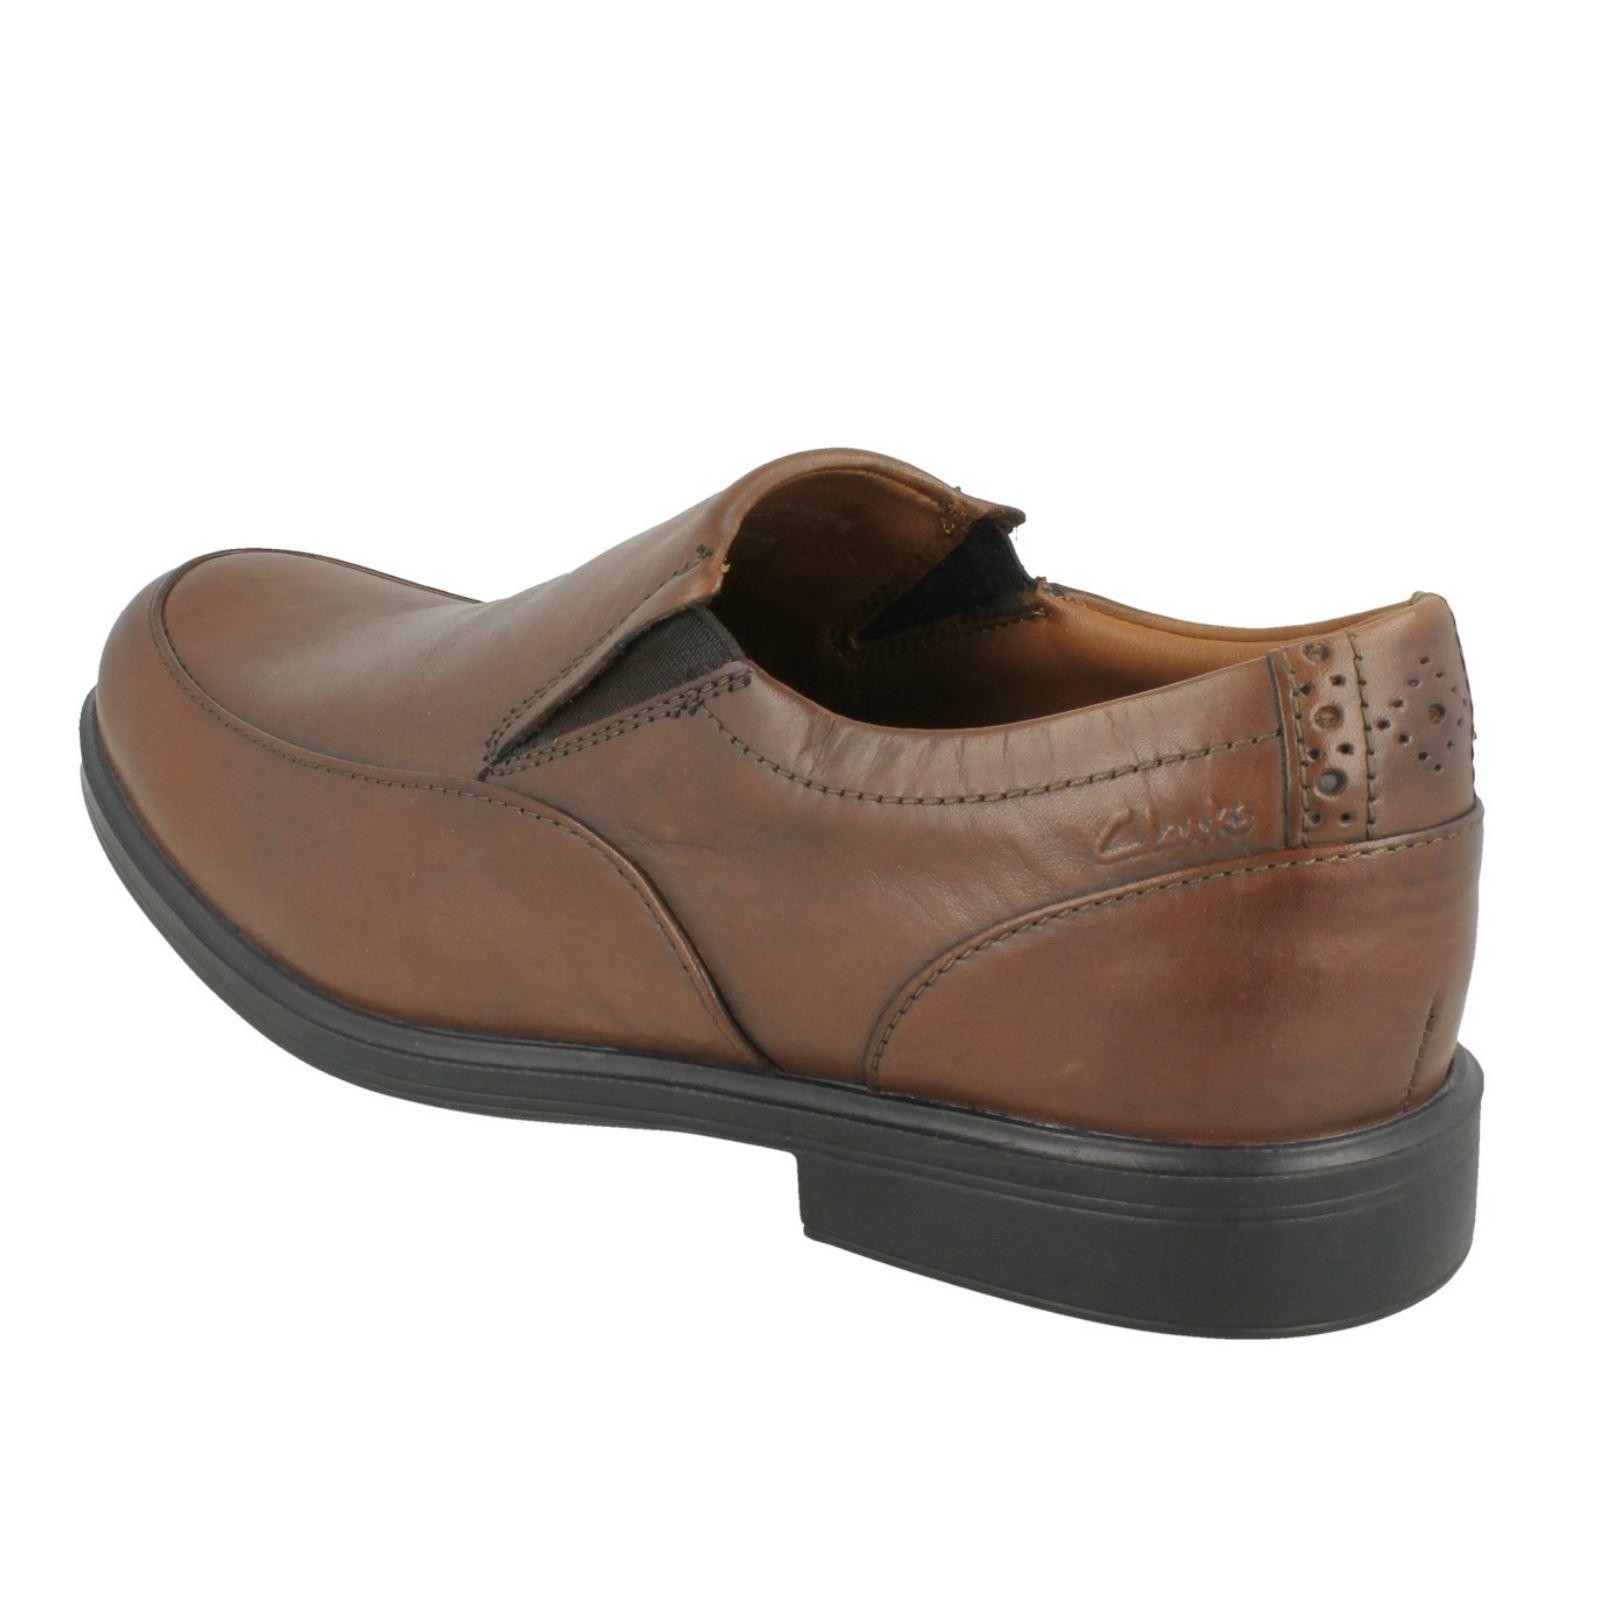 Clarks Da Uomo Mocassini Scarpe Gabson Step | Adatto Adatto Adatto per il colore  | Uomini/Donna Scarpa  4a8be3